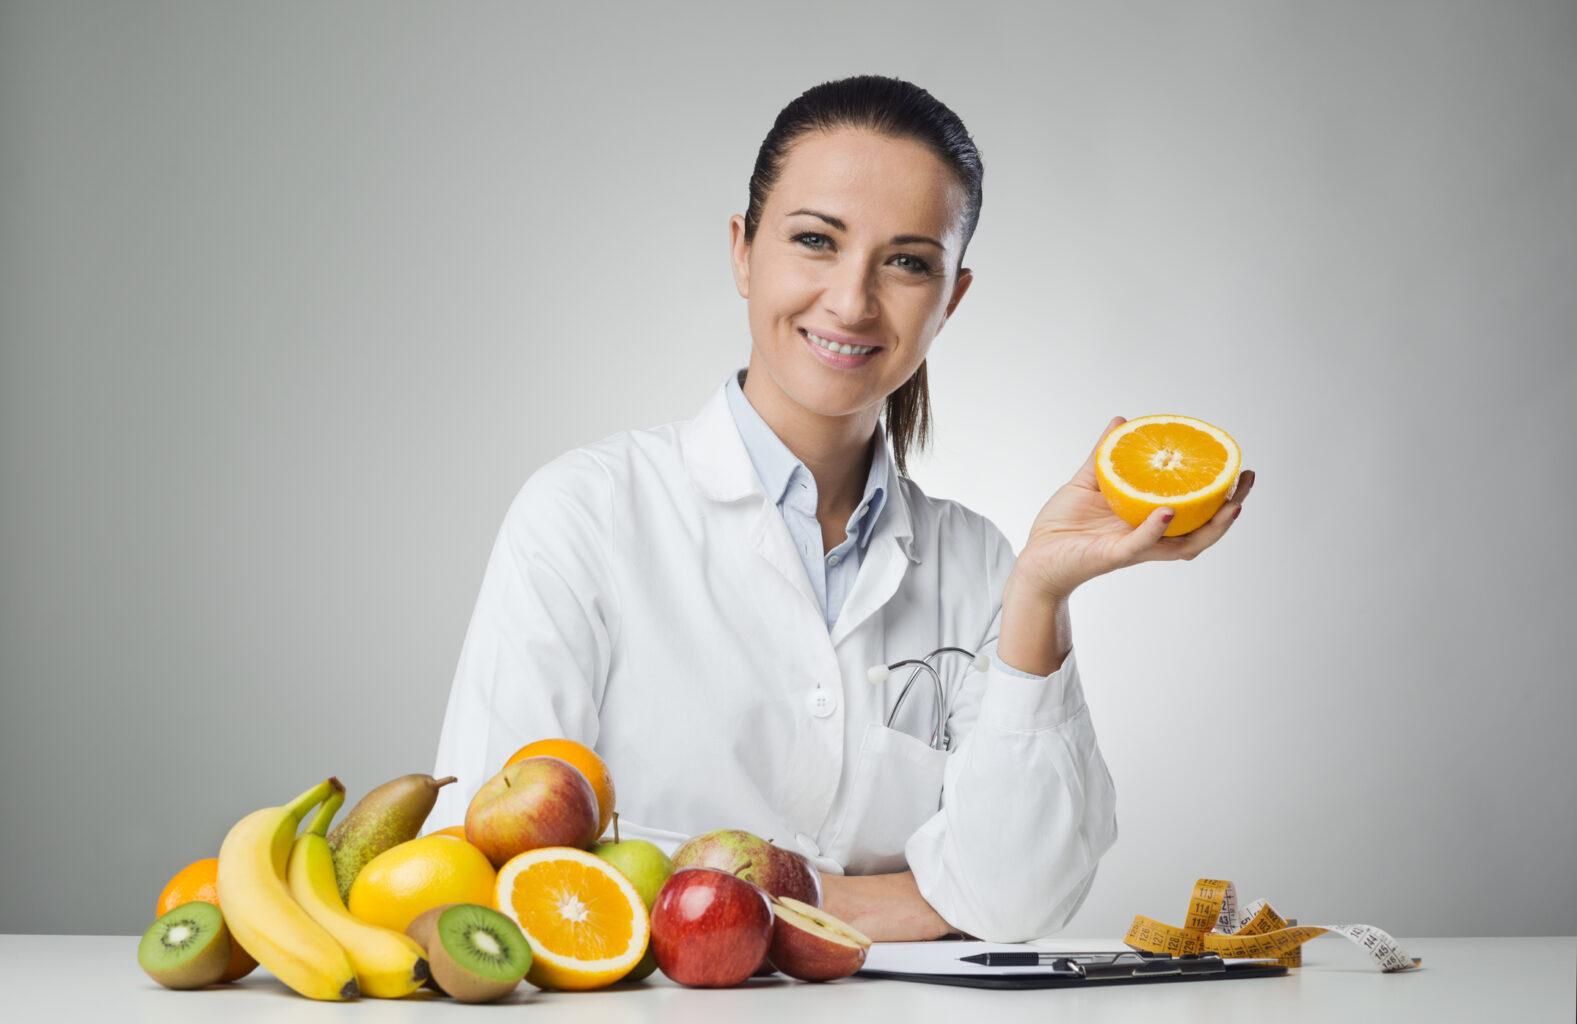 5 maneiras práticas de consumir alguns ingredientes na dieta